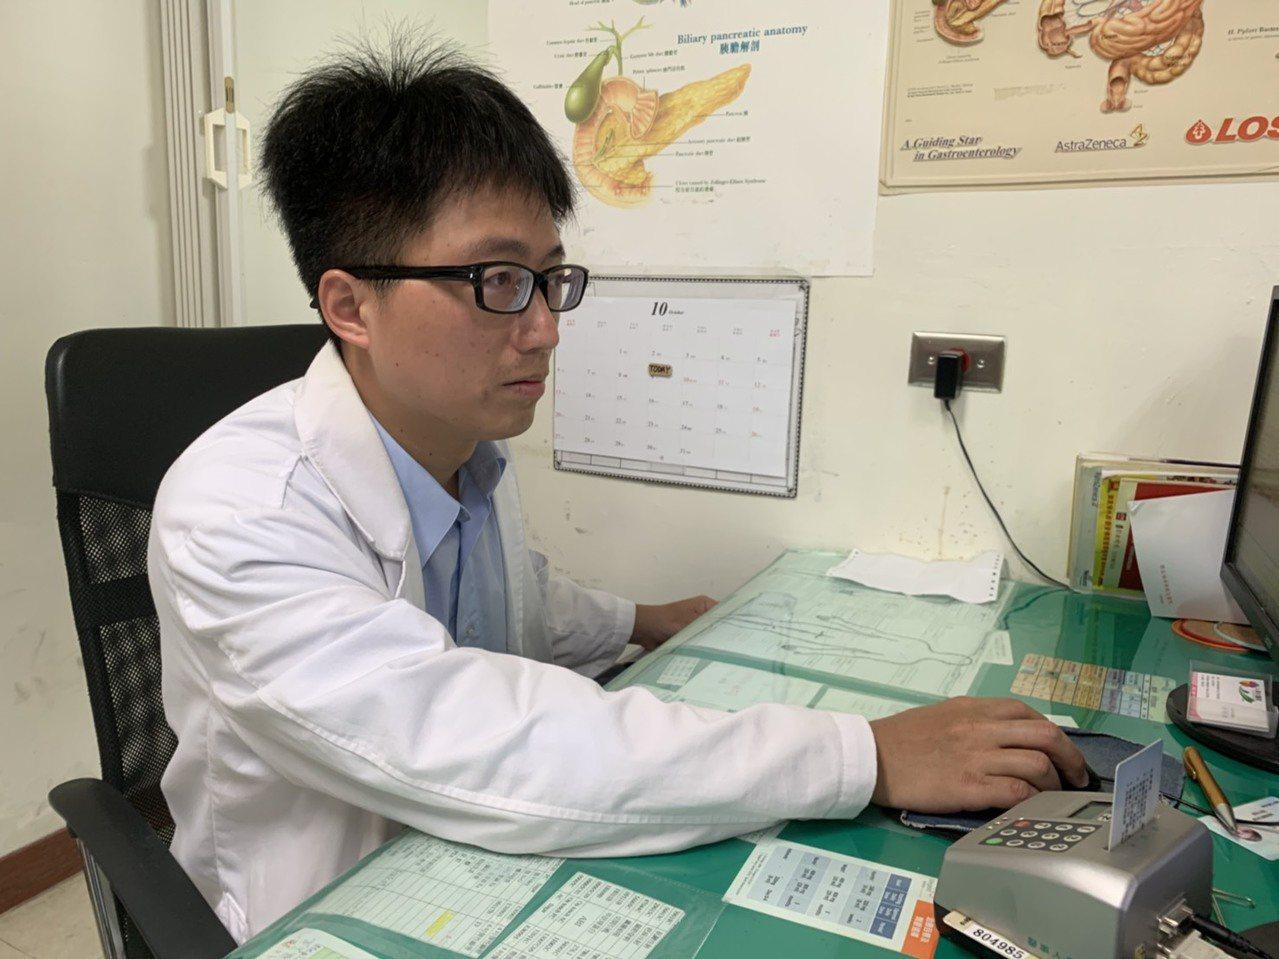 衛福部彰化醫院一般外科醫師李忠懷提醒民眾要定期活動筋骨,避免發生下肢深部靜脈血栓...